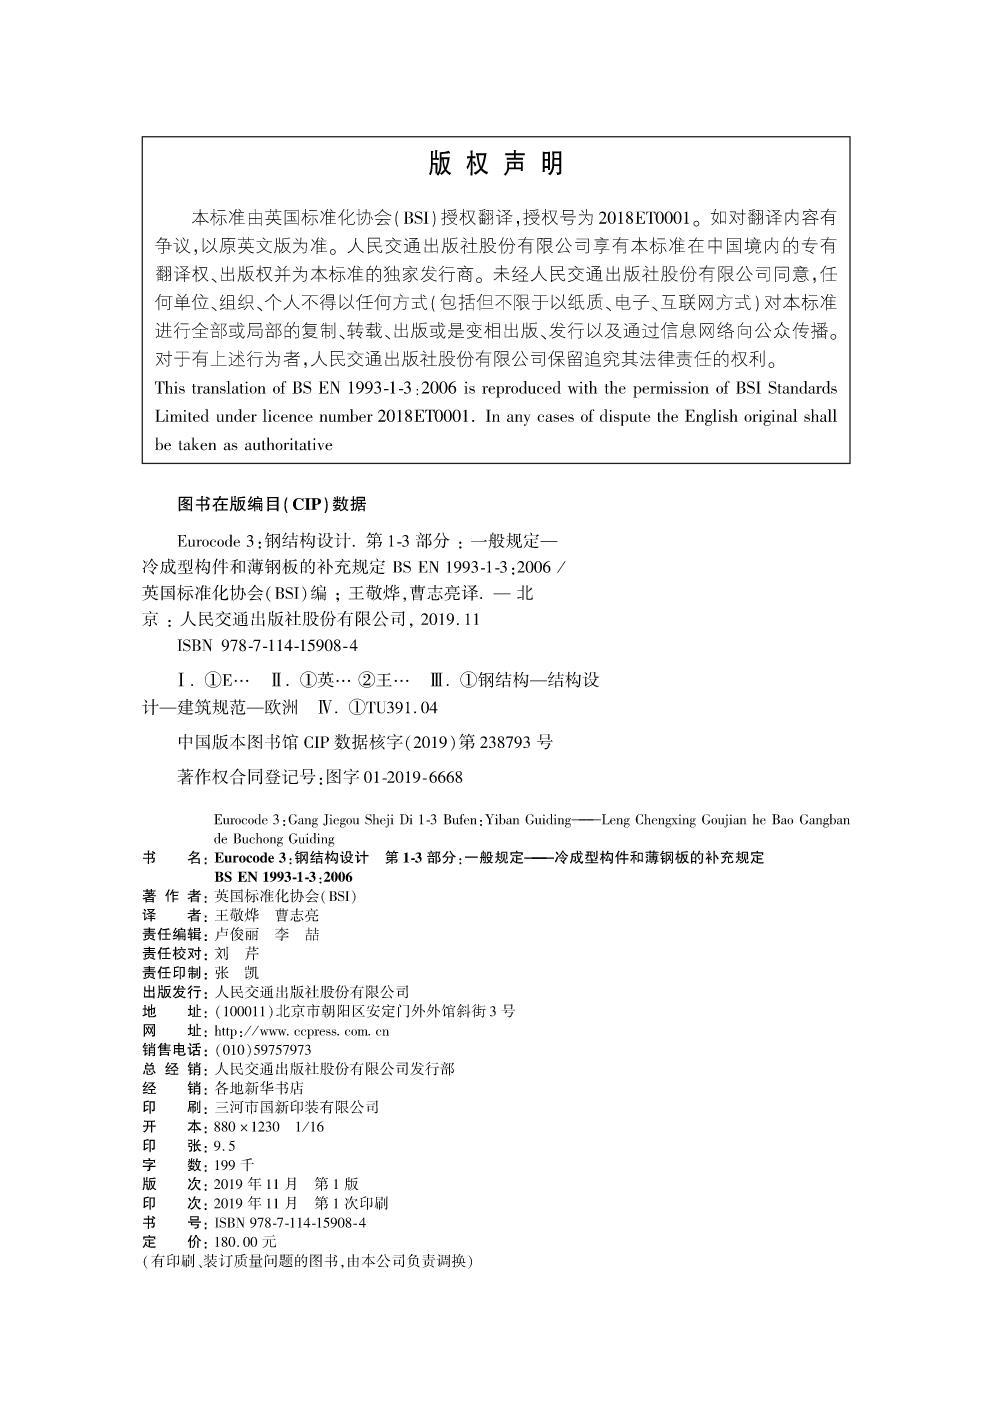 欧洲标准-钢结构设计第1-3部分:一般规定——冷成型构件和薄钢板的补充规定-BS-EN-1993-1-3:2006-Page-003